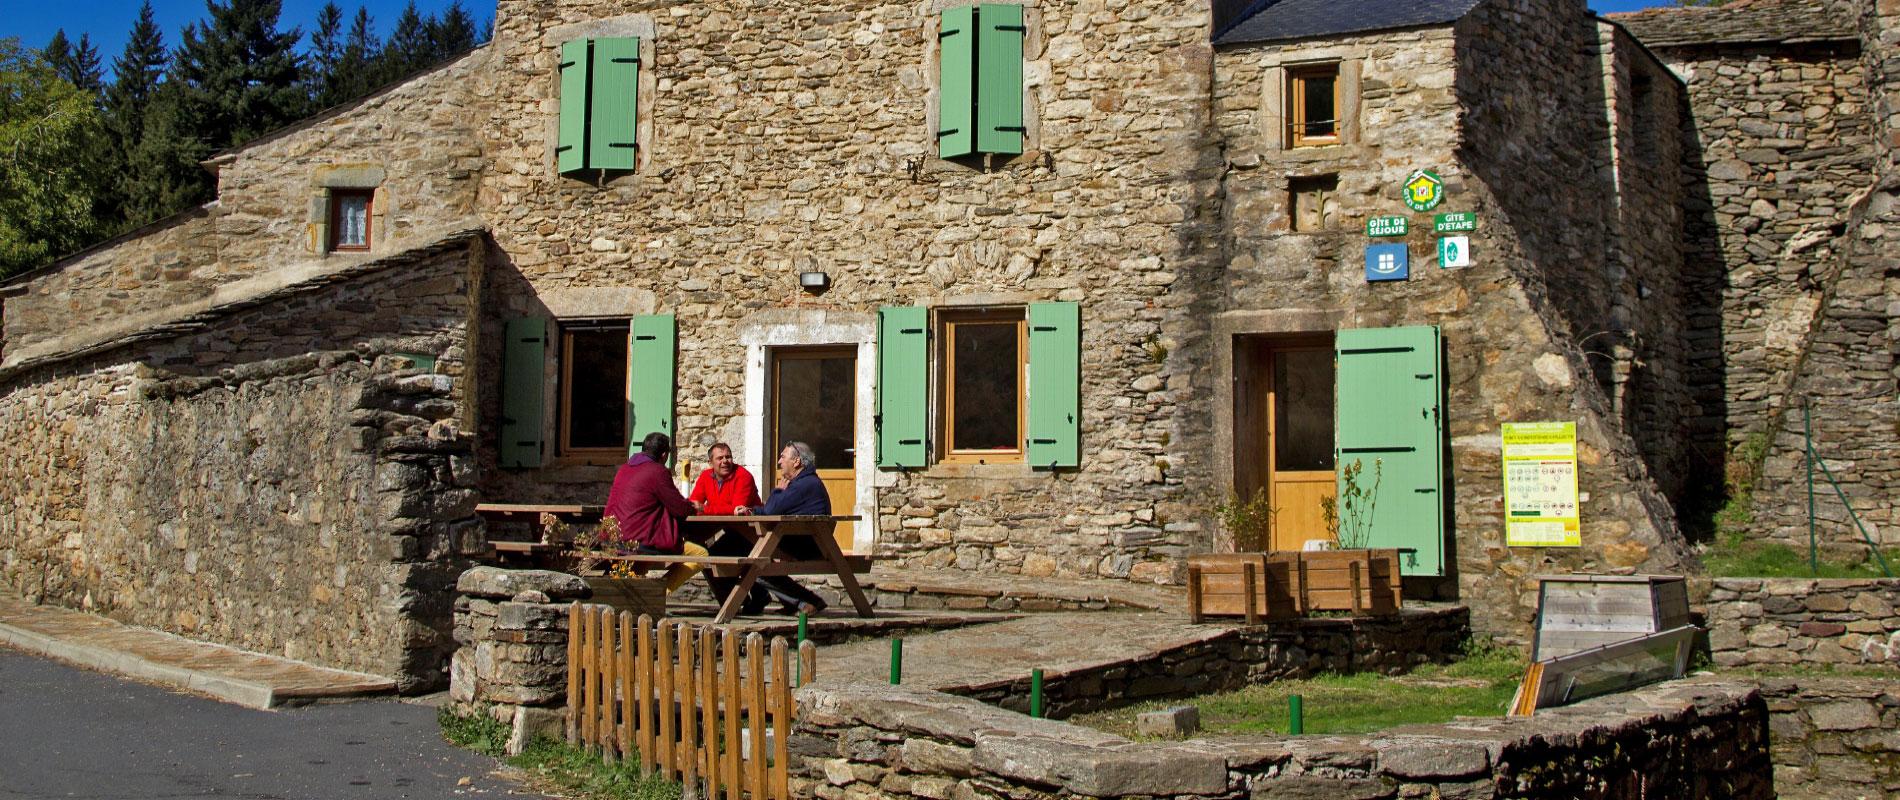 Rosis en montagne du Haut Languedoc. Inauguration gite René Magnaldi